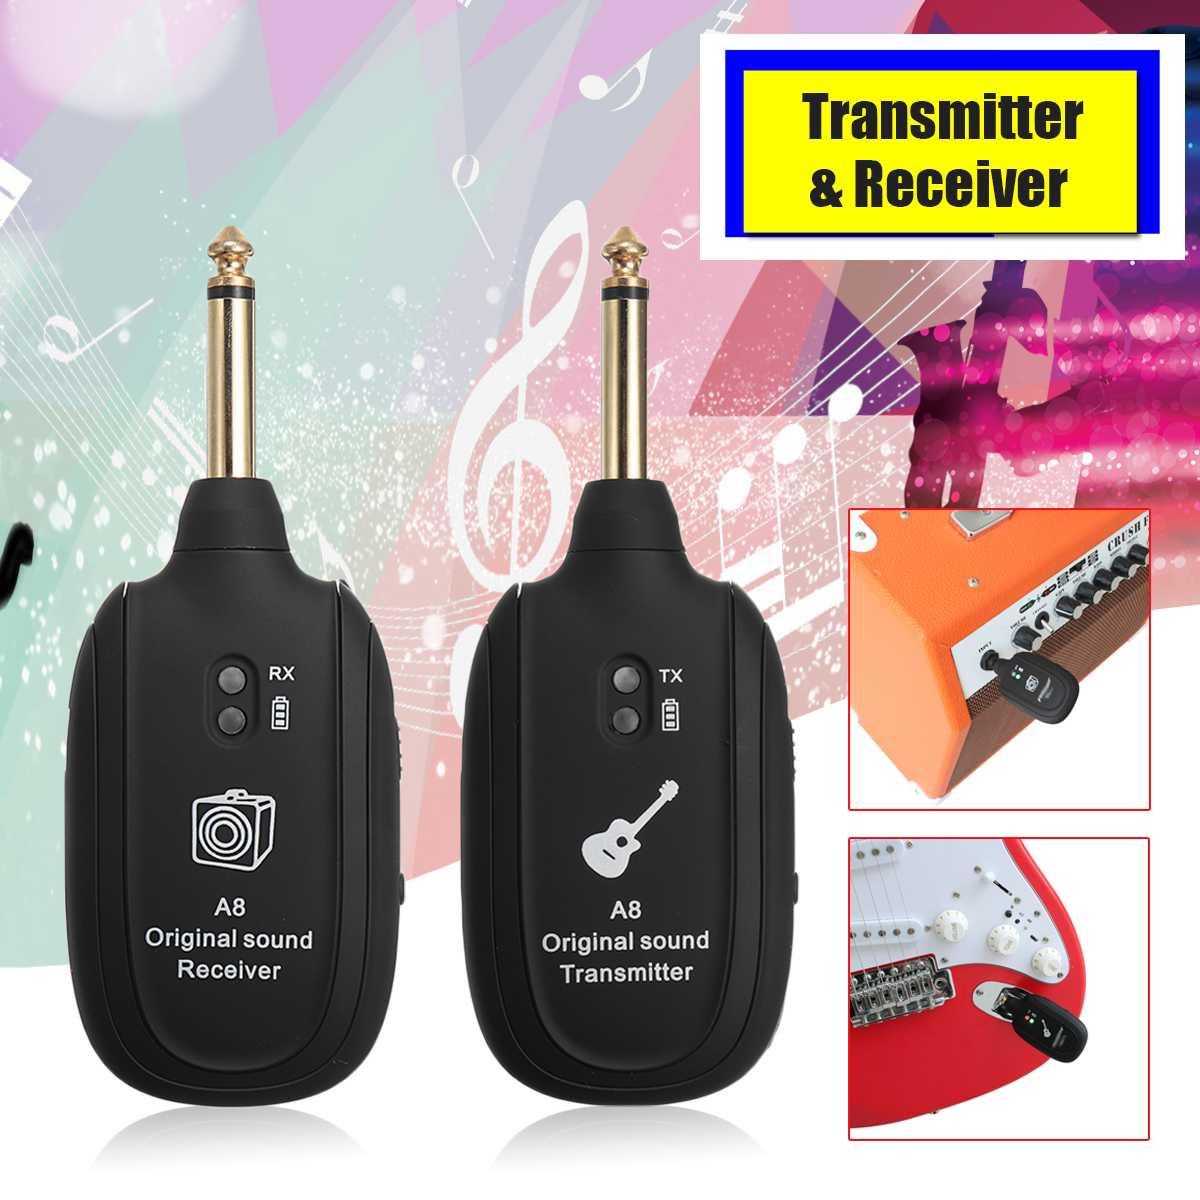 Selbstbewusst Unsicher Gehemmt Verlegen Audio Transmitter Wireless Receiver System Für Gitarre Violine Elektrische Instrument Unterstützt 4 Sets Licht Gewicht Anti-jamming HöChste Bequemlichkeit Befangen